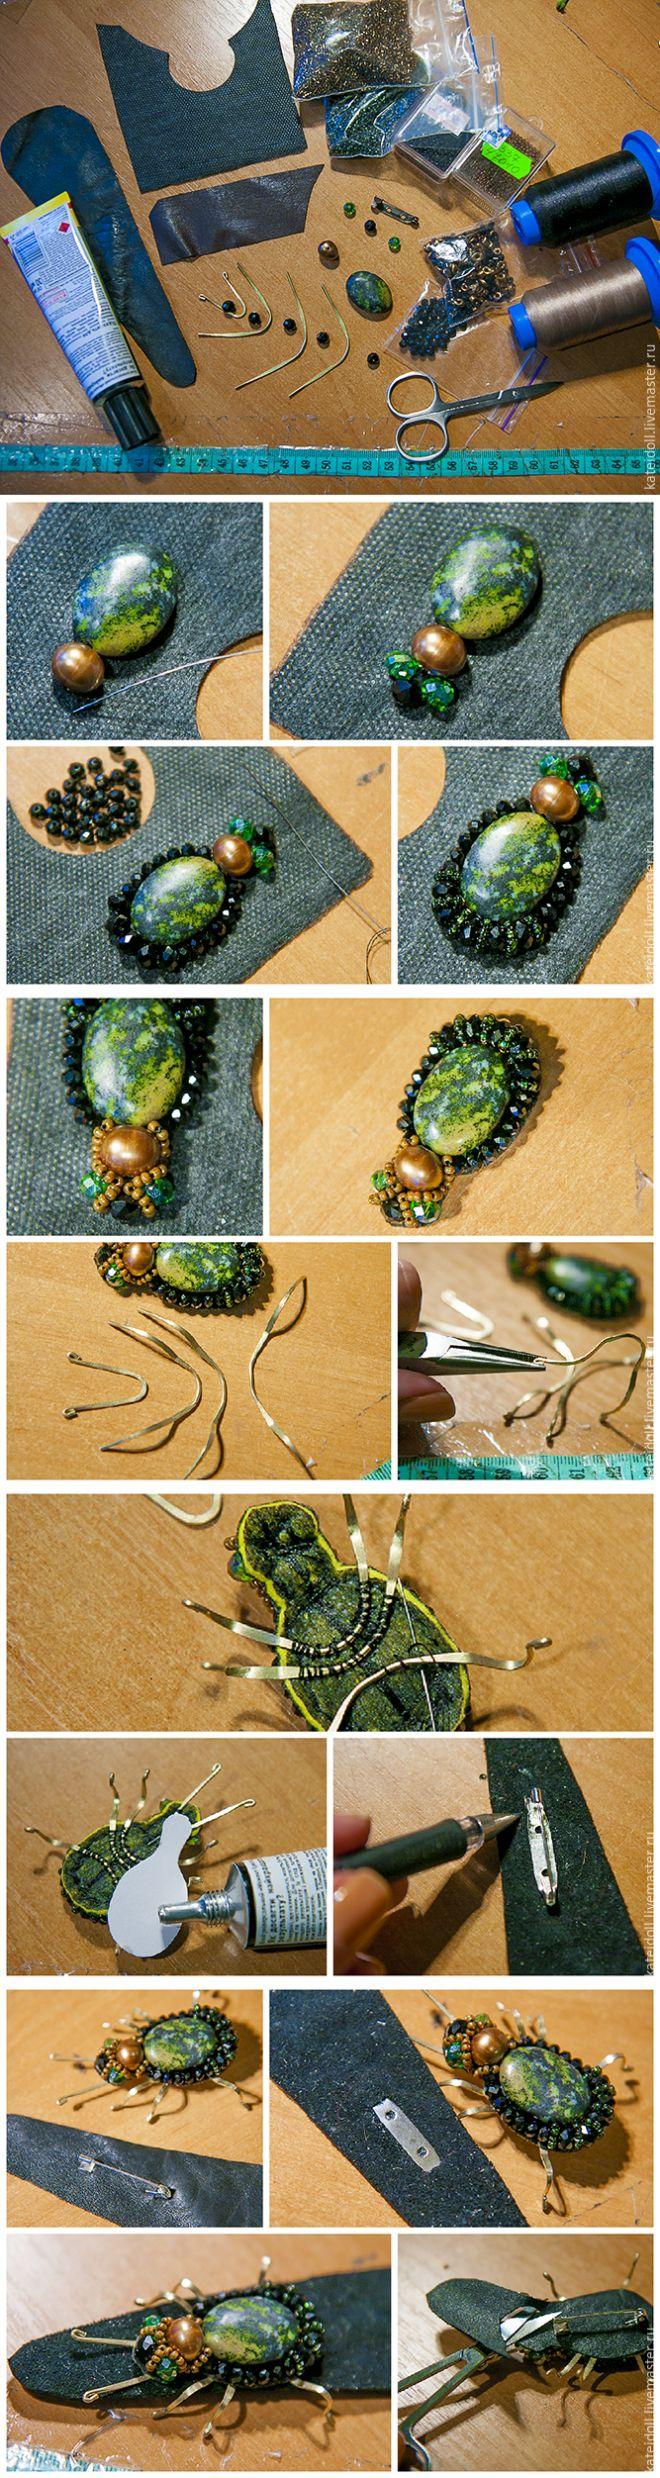 Очаровательный жучок с подвижными крылышками: делаем оригинальную брошь - Ярмарка Мастеров - ручная работа, handmade